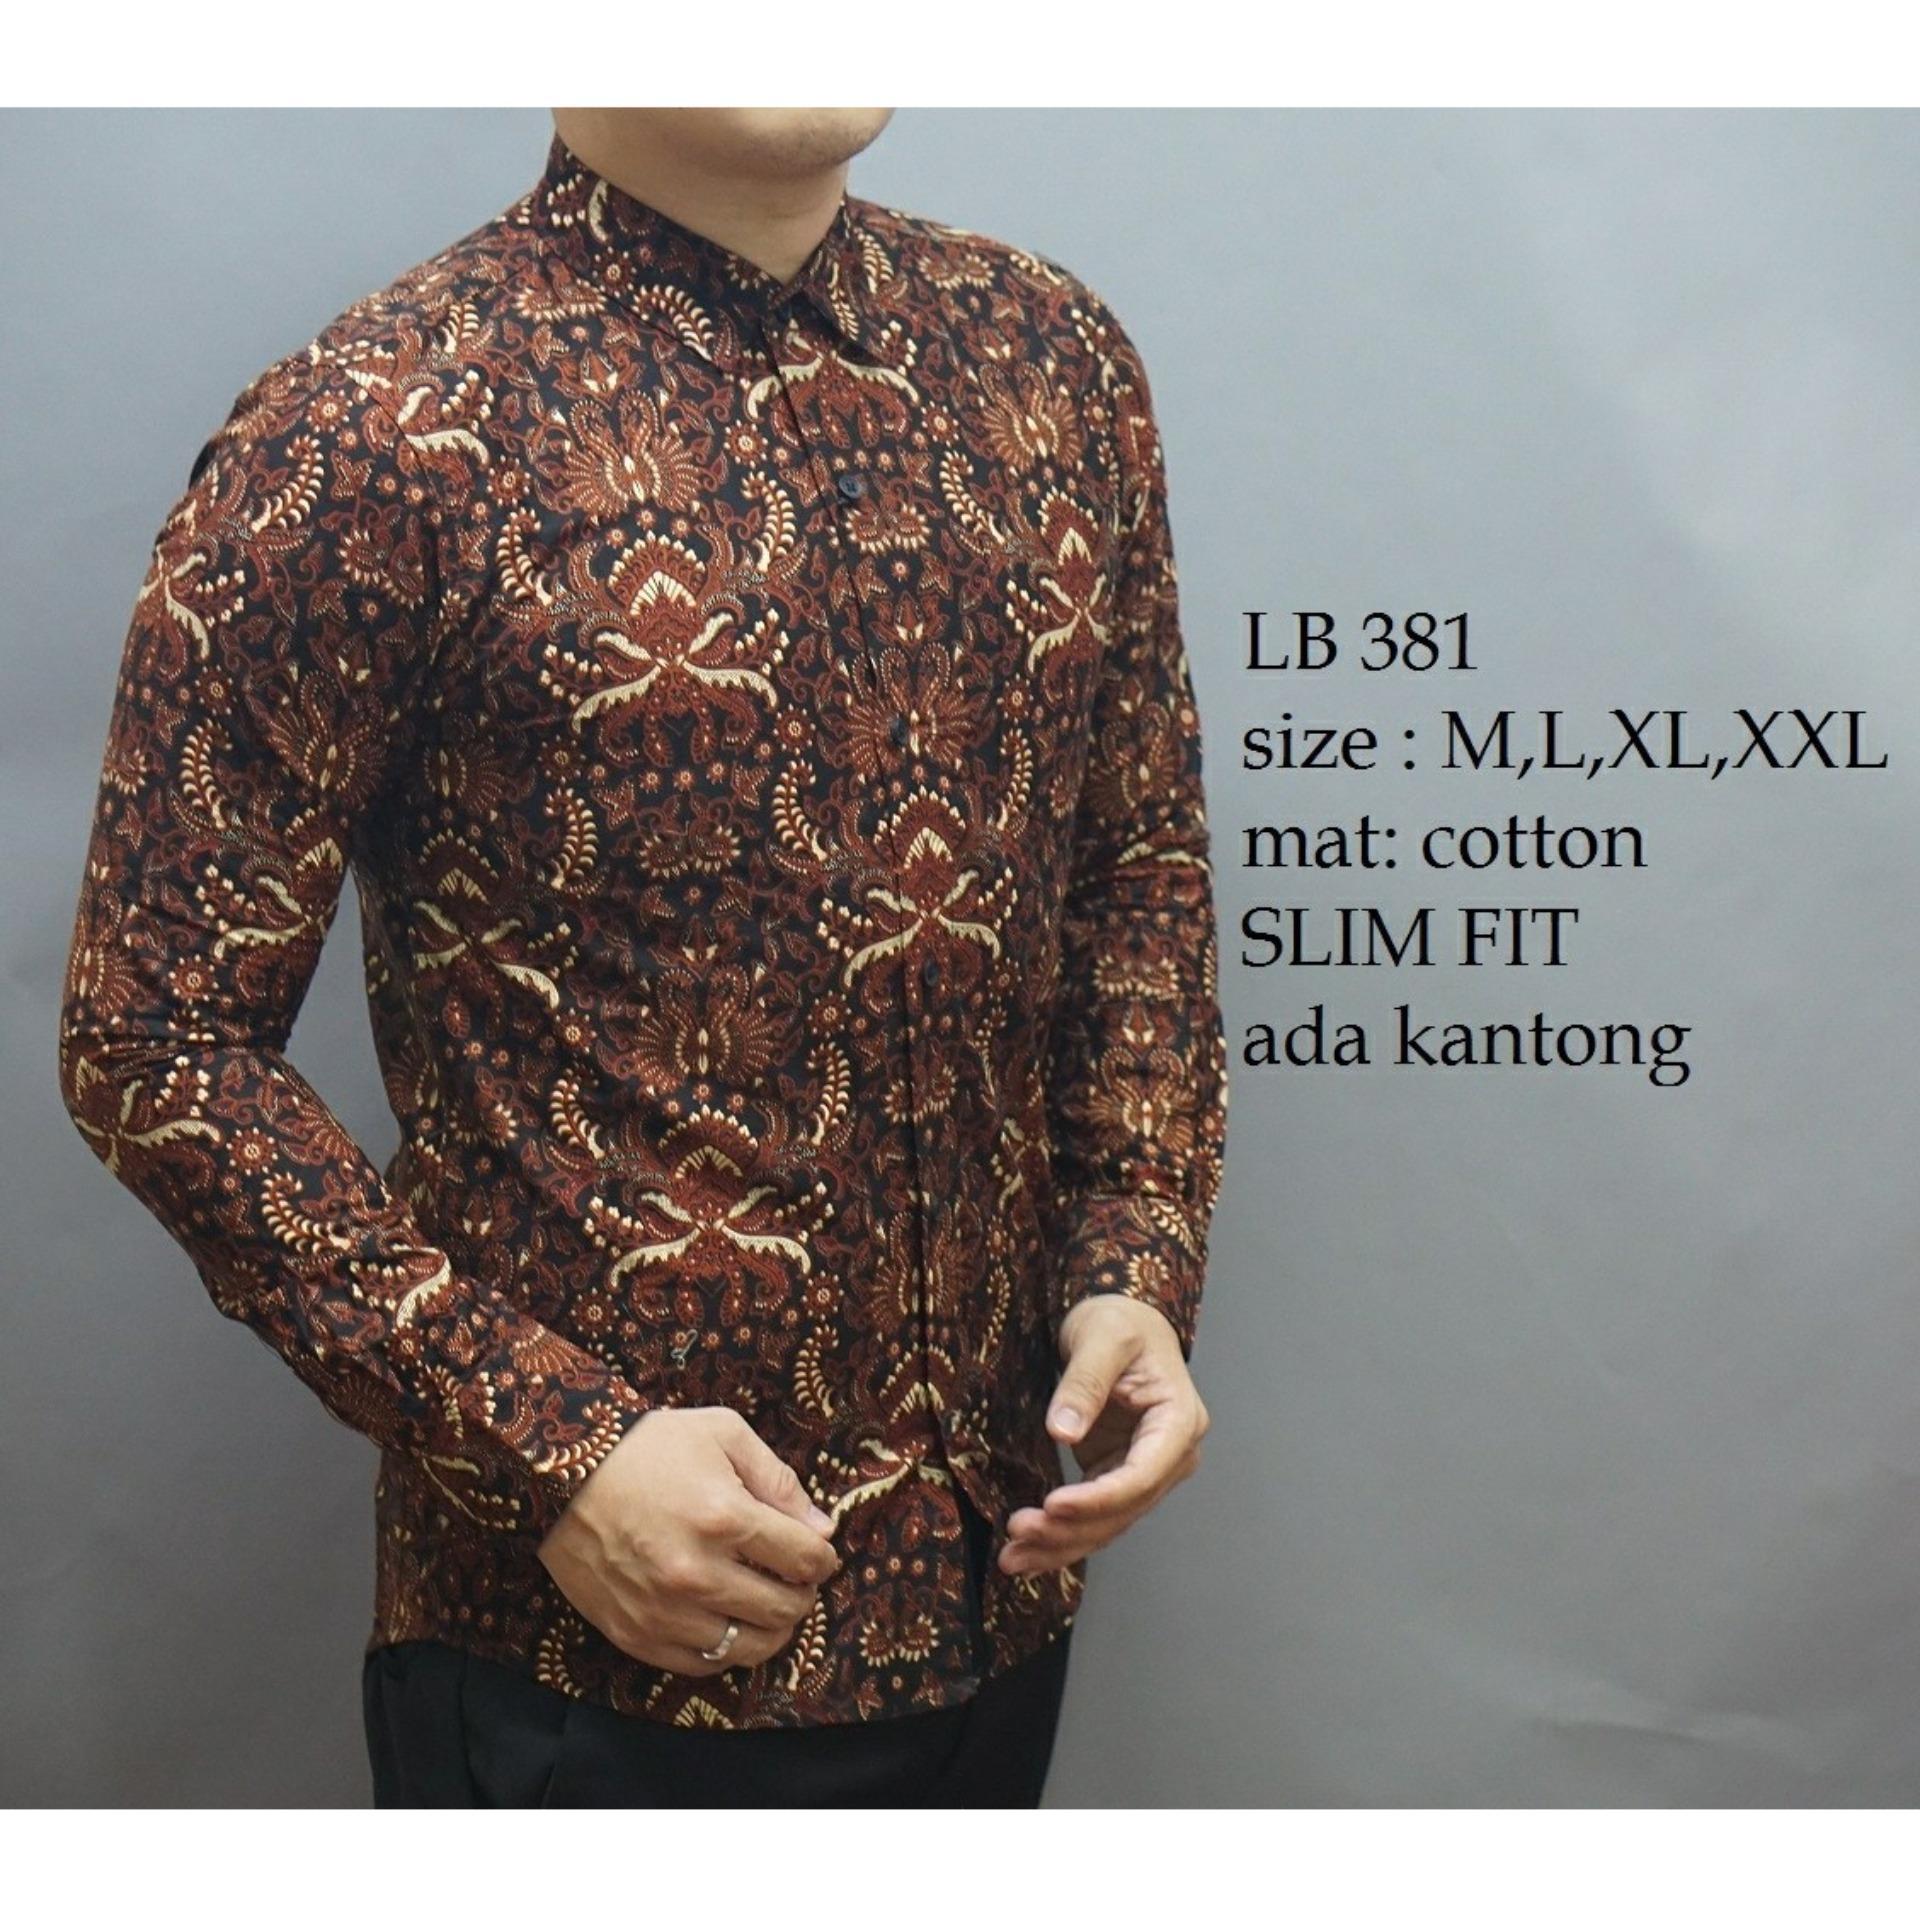 Baju Pria / Kemeja Batik Slimfit / Baju Pesta / Baju Keluarga TOP6